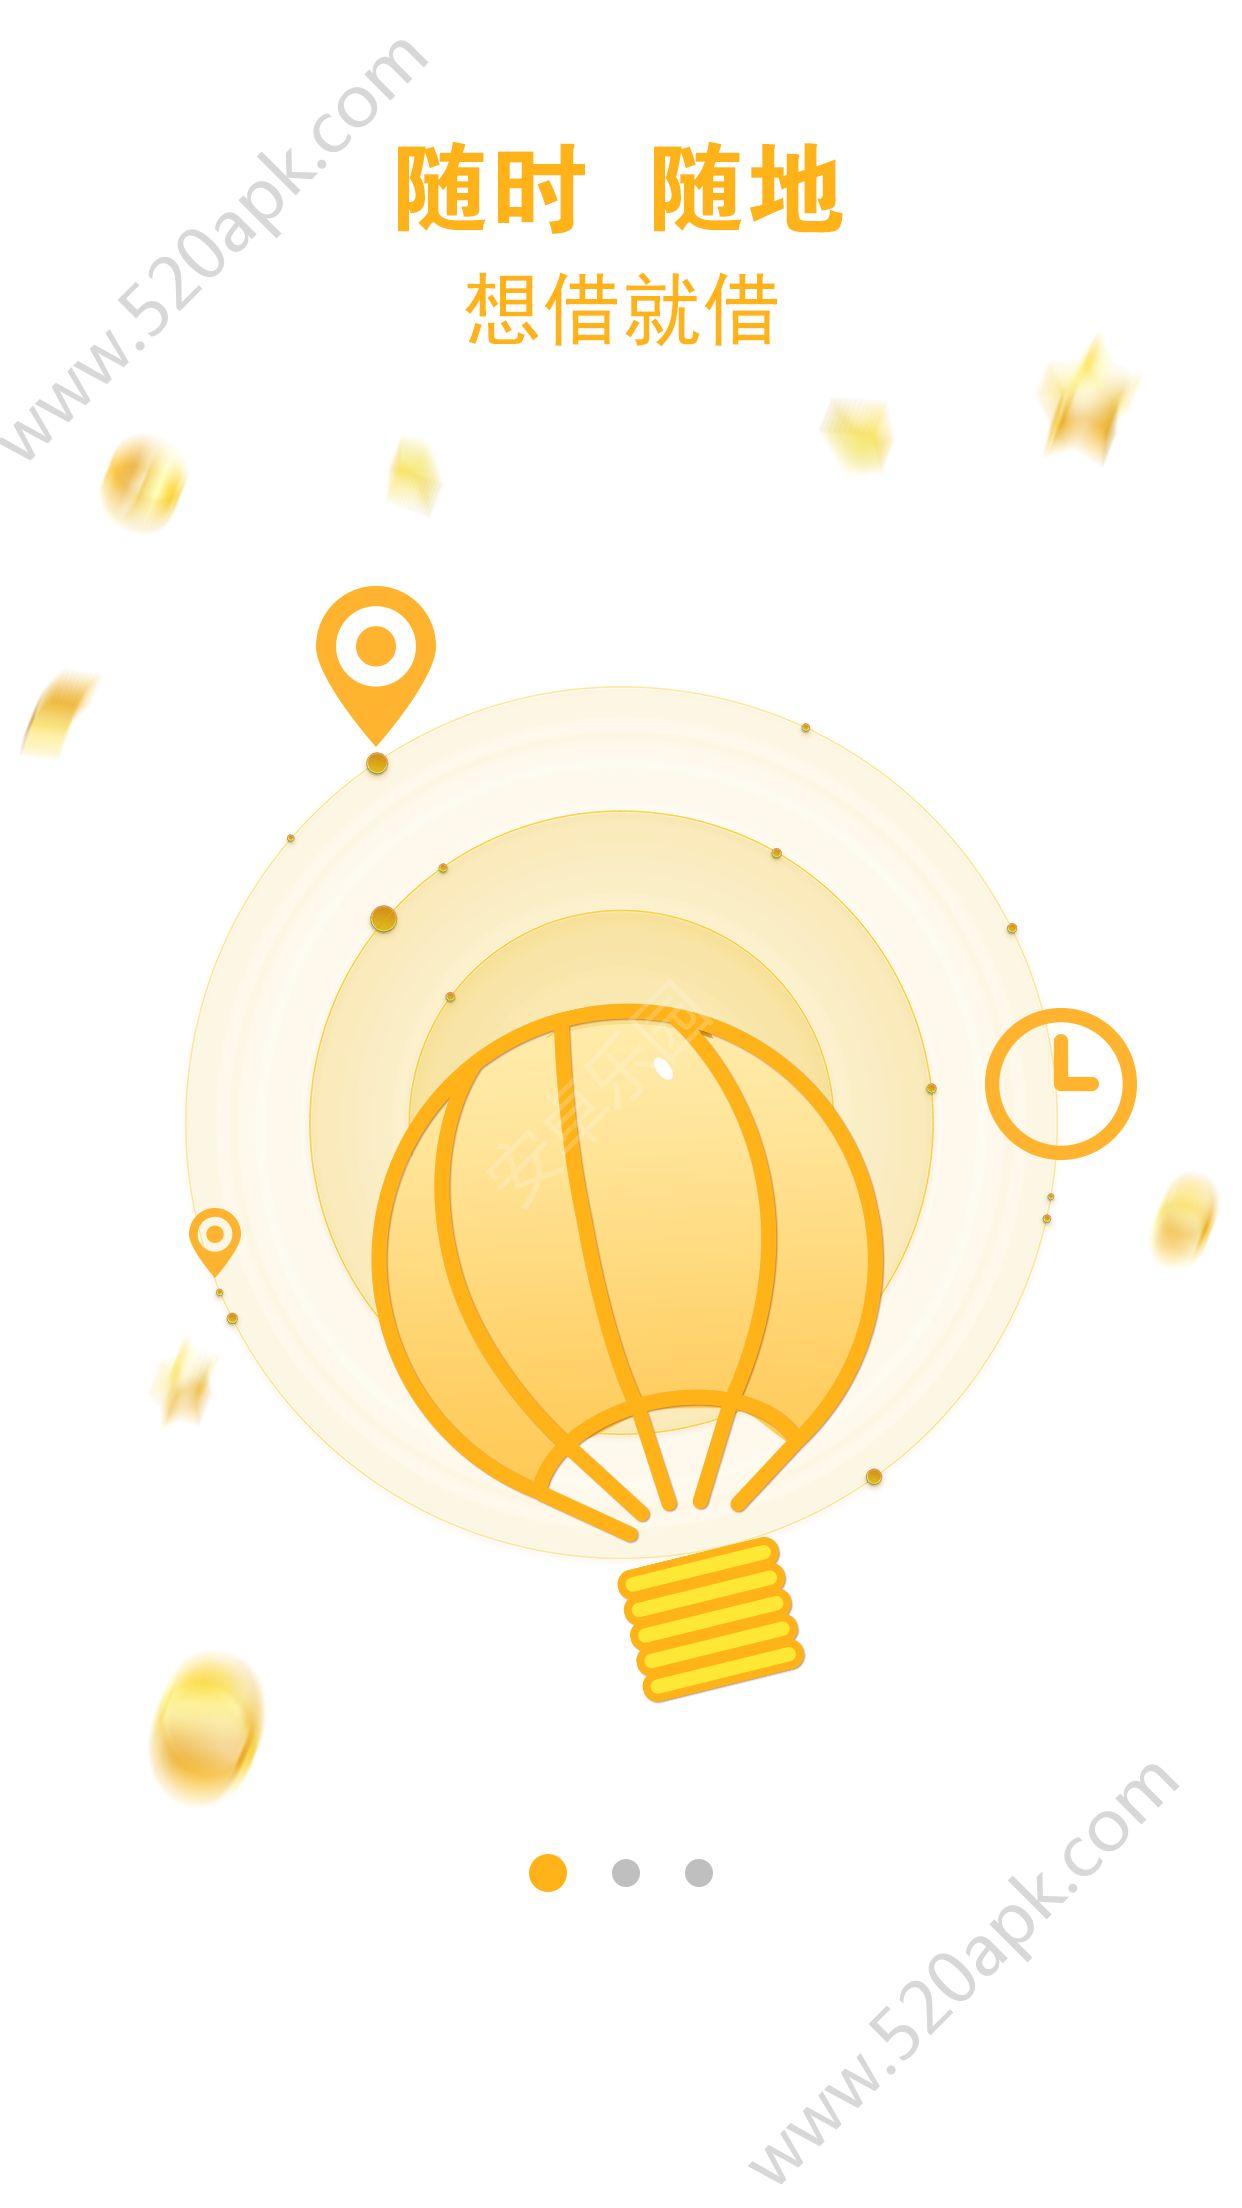 财驿站贷款官方版app下载图1: